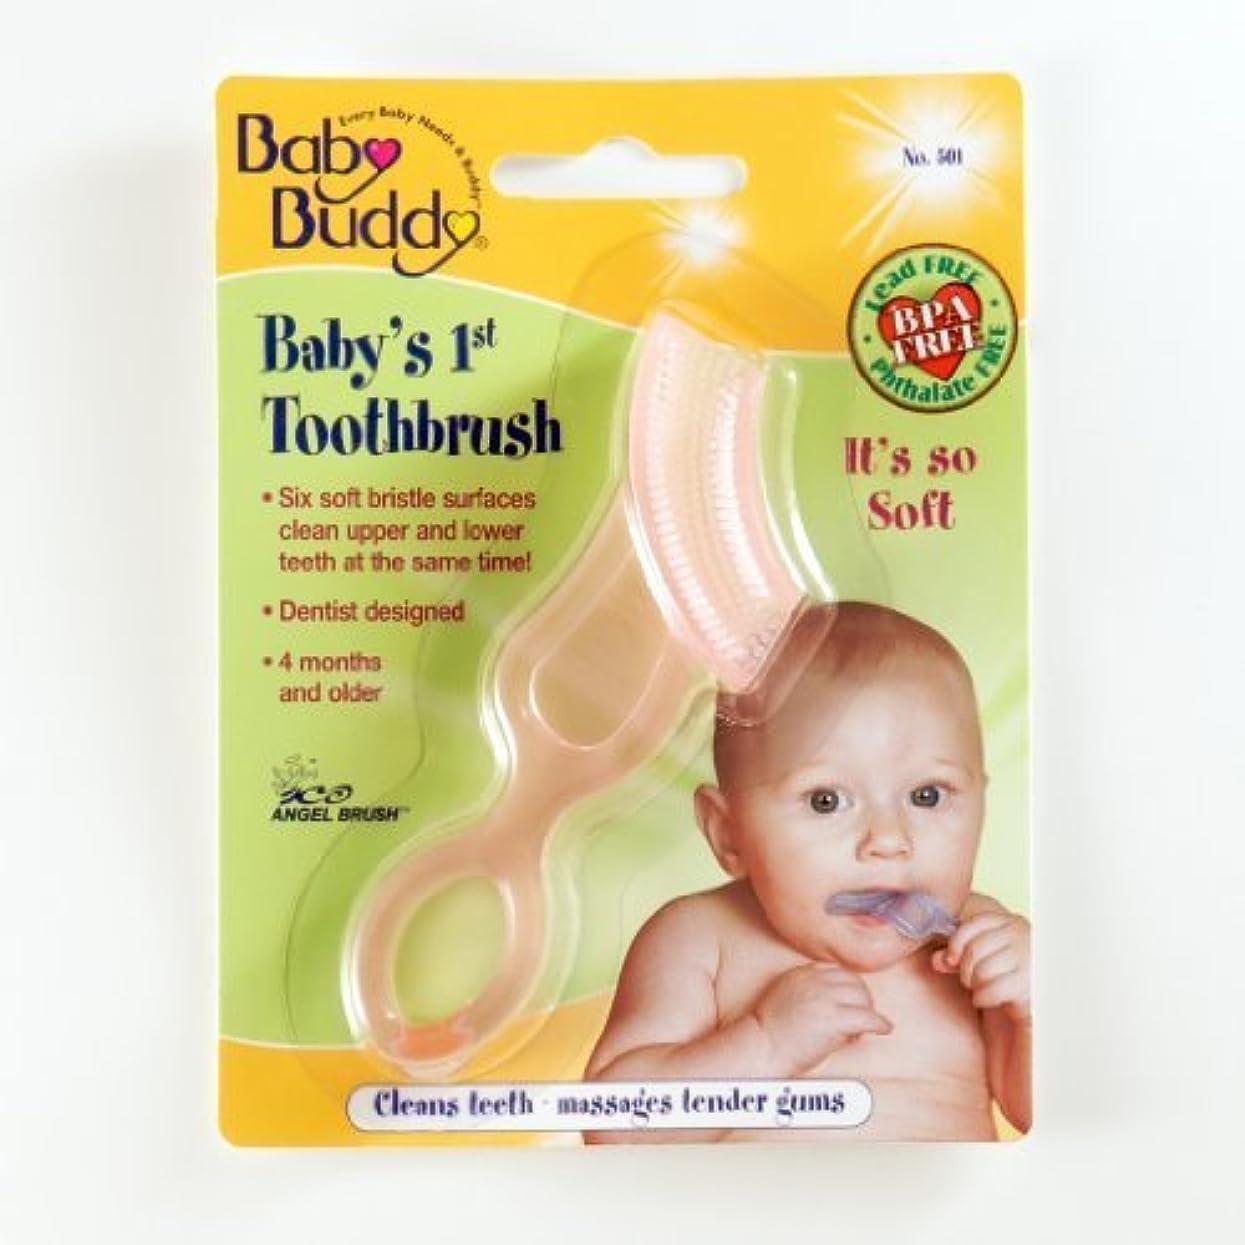 病的マトン水銀のBaby Buddy: Baby's 1st Toothbrush by Baby Buddy [並行輸入品]